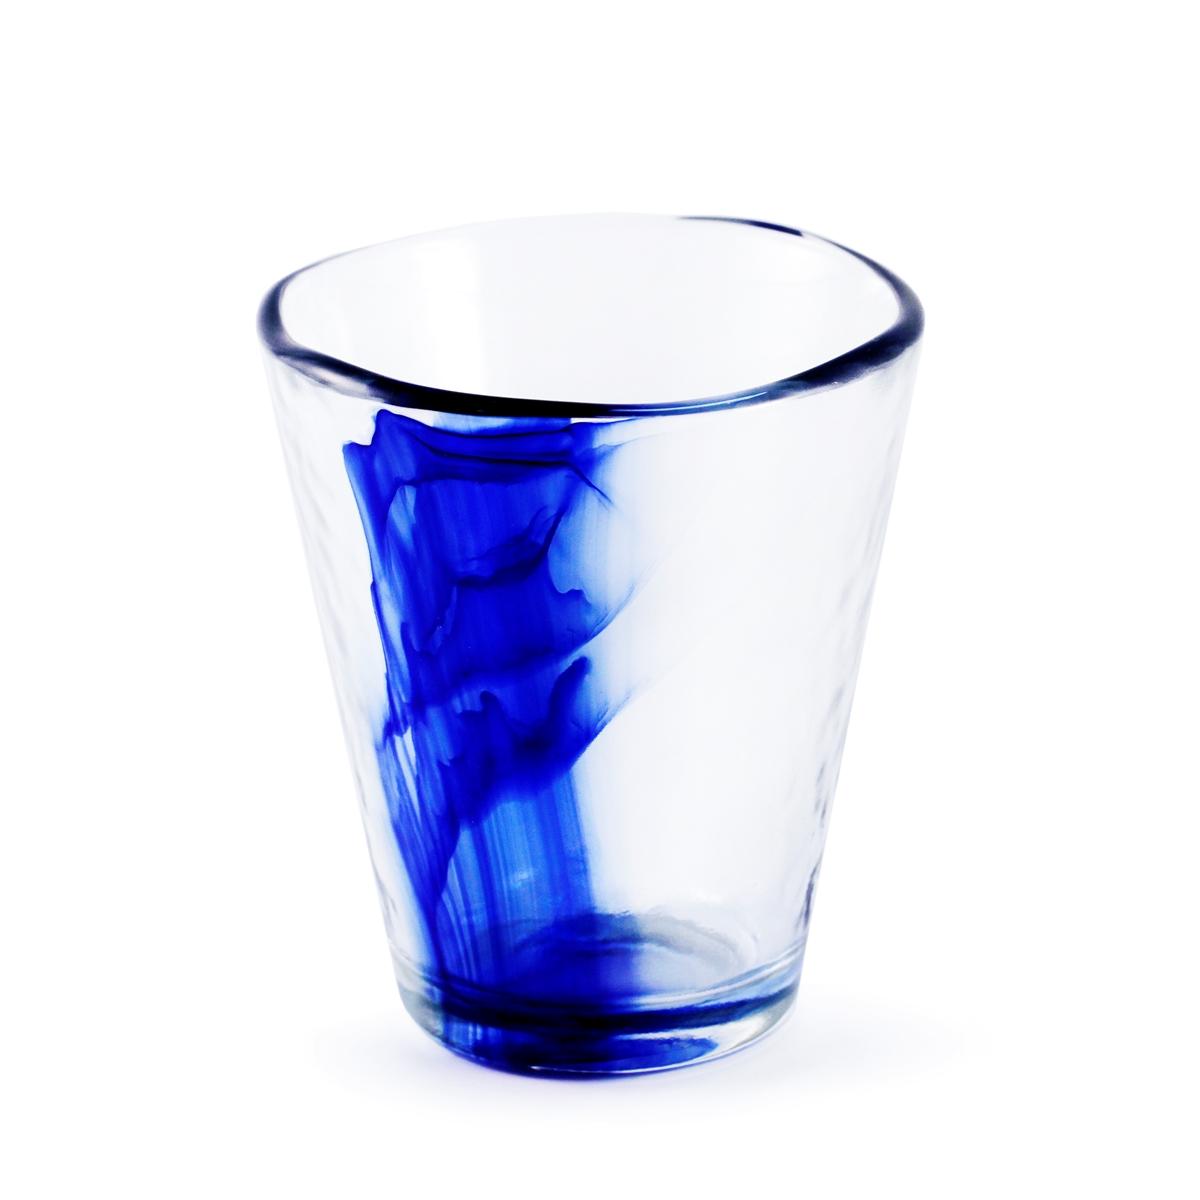 d62284cca6a Bormioli Rocco Cobalt Blue Glass Tumbler 13 fl oz